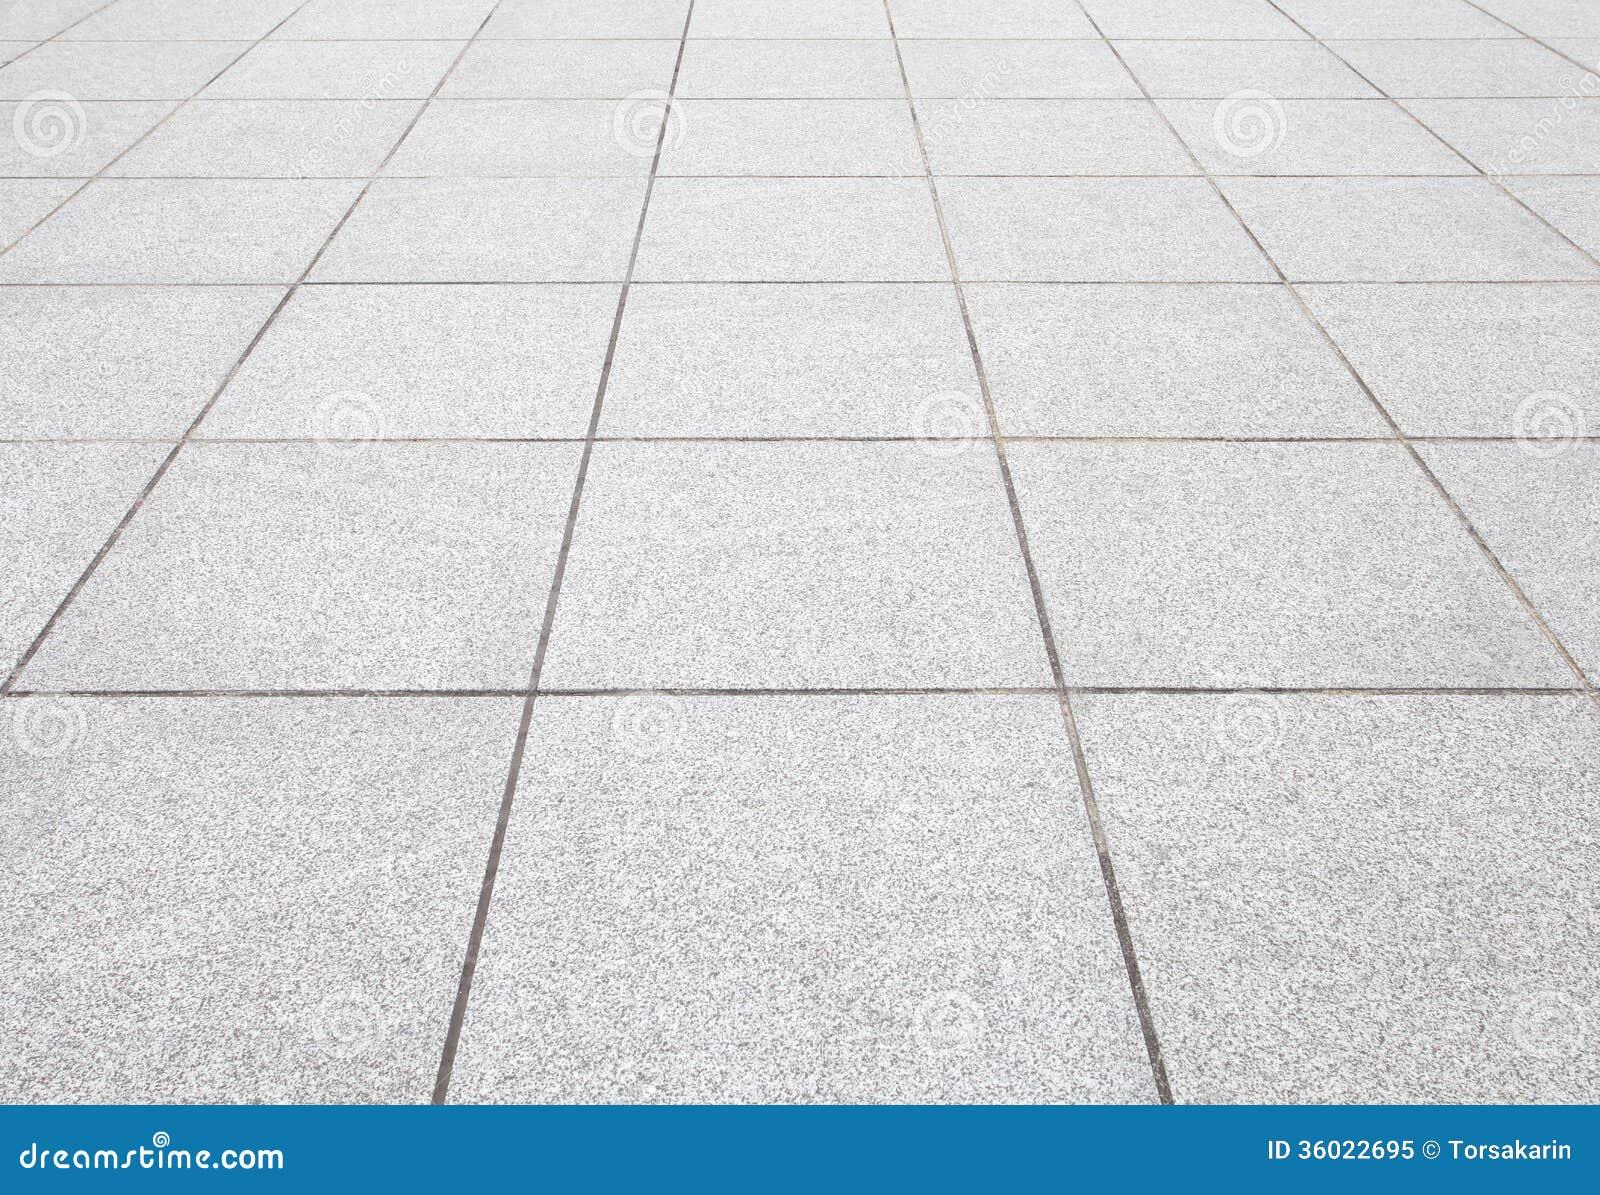 Plan floor 3d for Floor tile planner